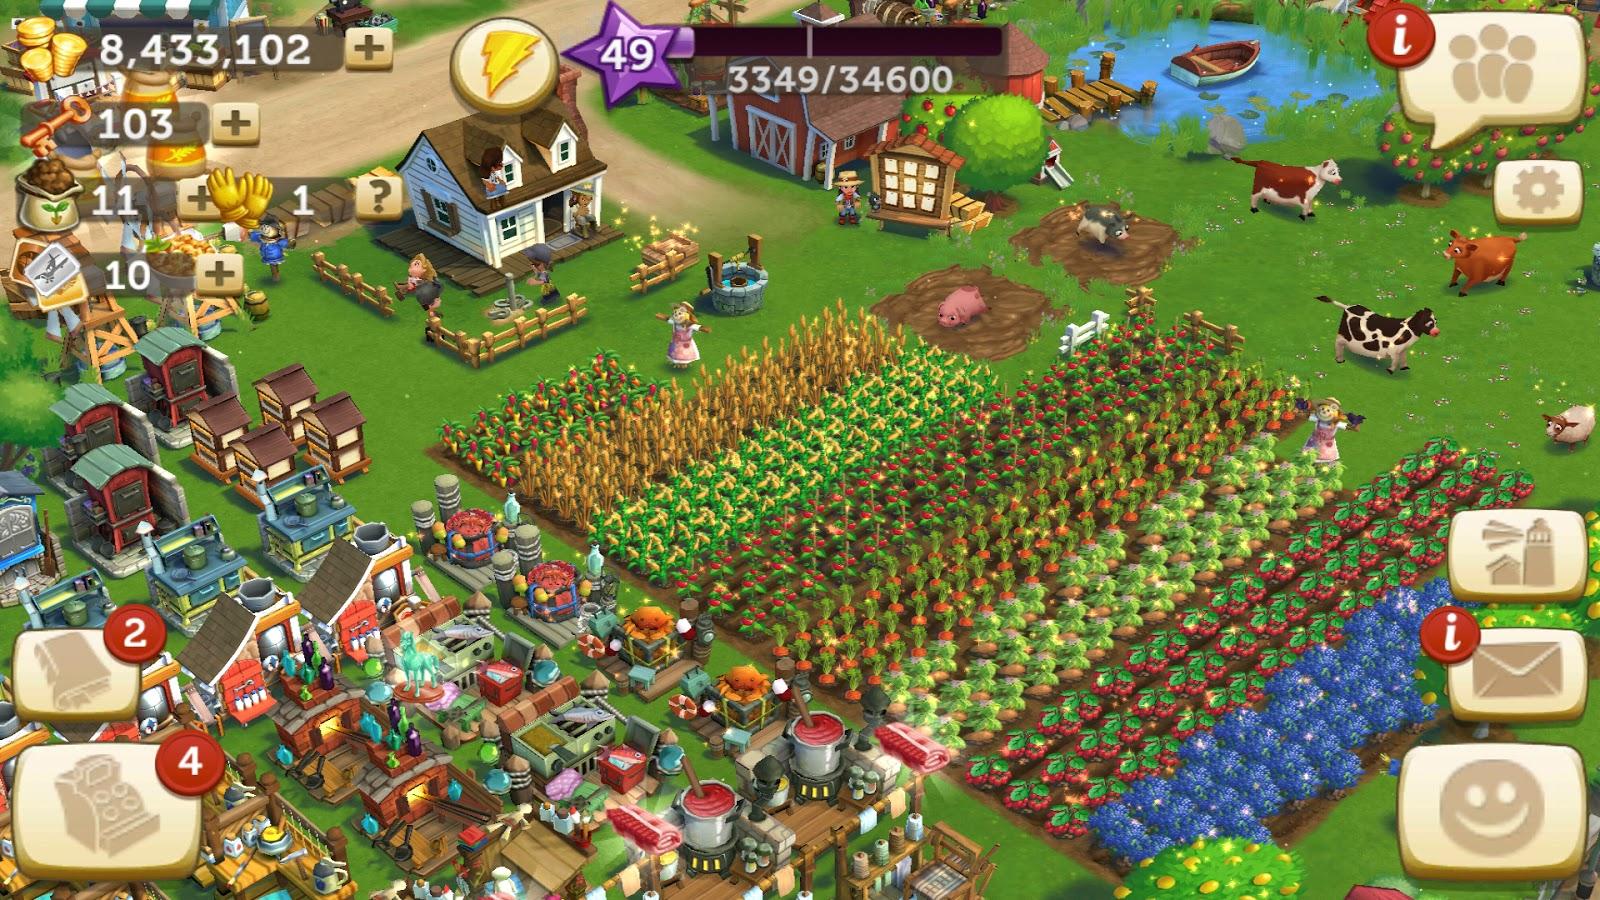 تحميل لعبة FarmVille 2 Country Escape v13.2.4543 مهكرة كاملة للأندرويد -  وحش التقنية / العاب وتطبيقات الاندرويد المهكرة مجانا